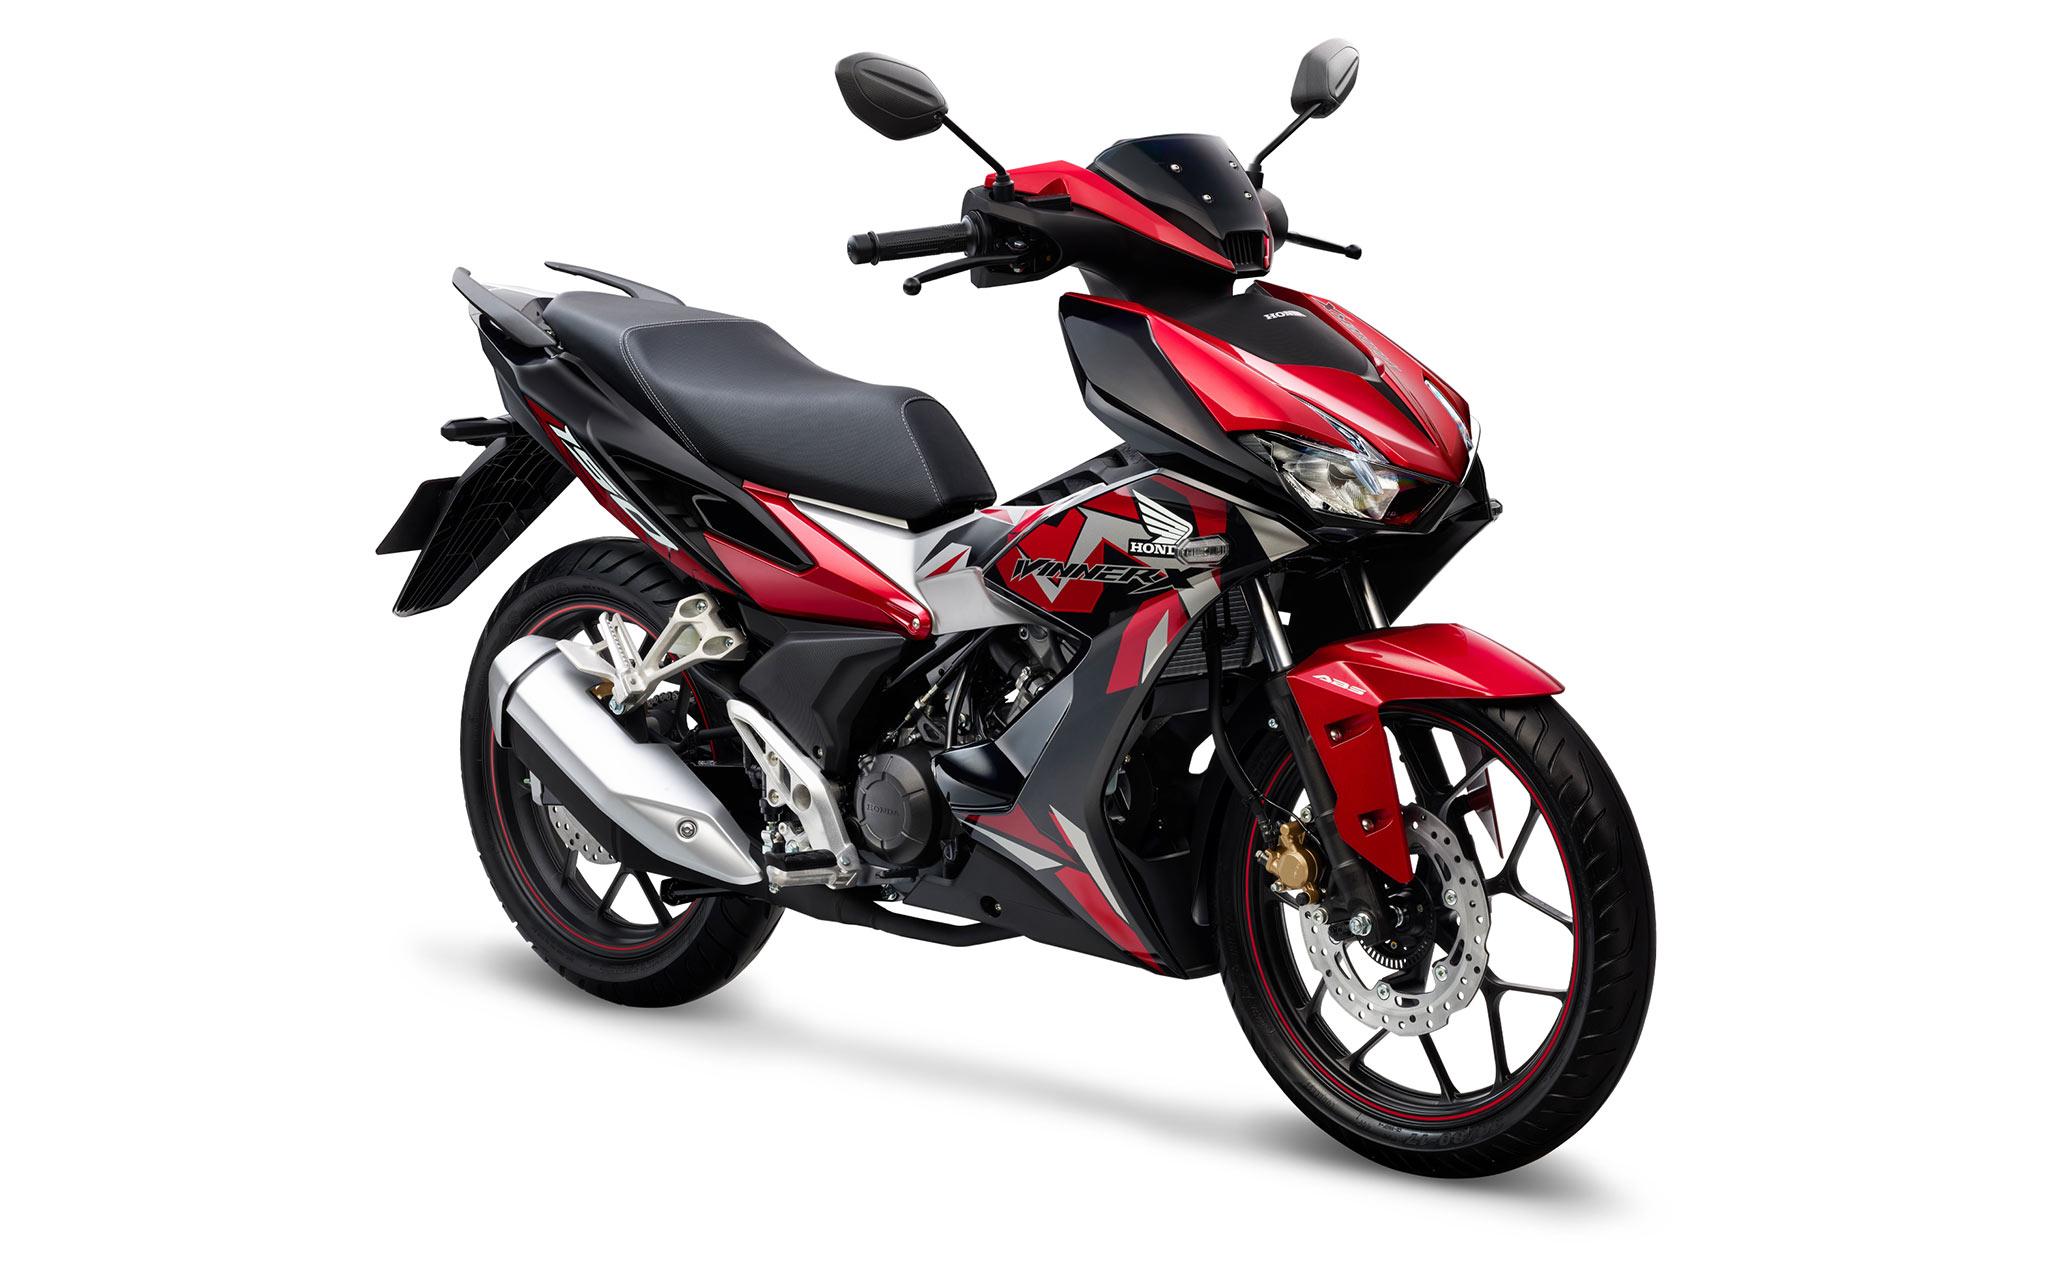 Giải mã sức hút của bộ đôi xe hot Honda Winner X và Air Blade winner-x-do-den-bac.jpg